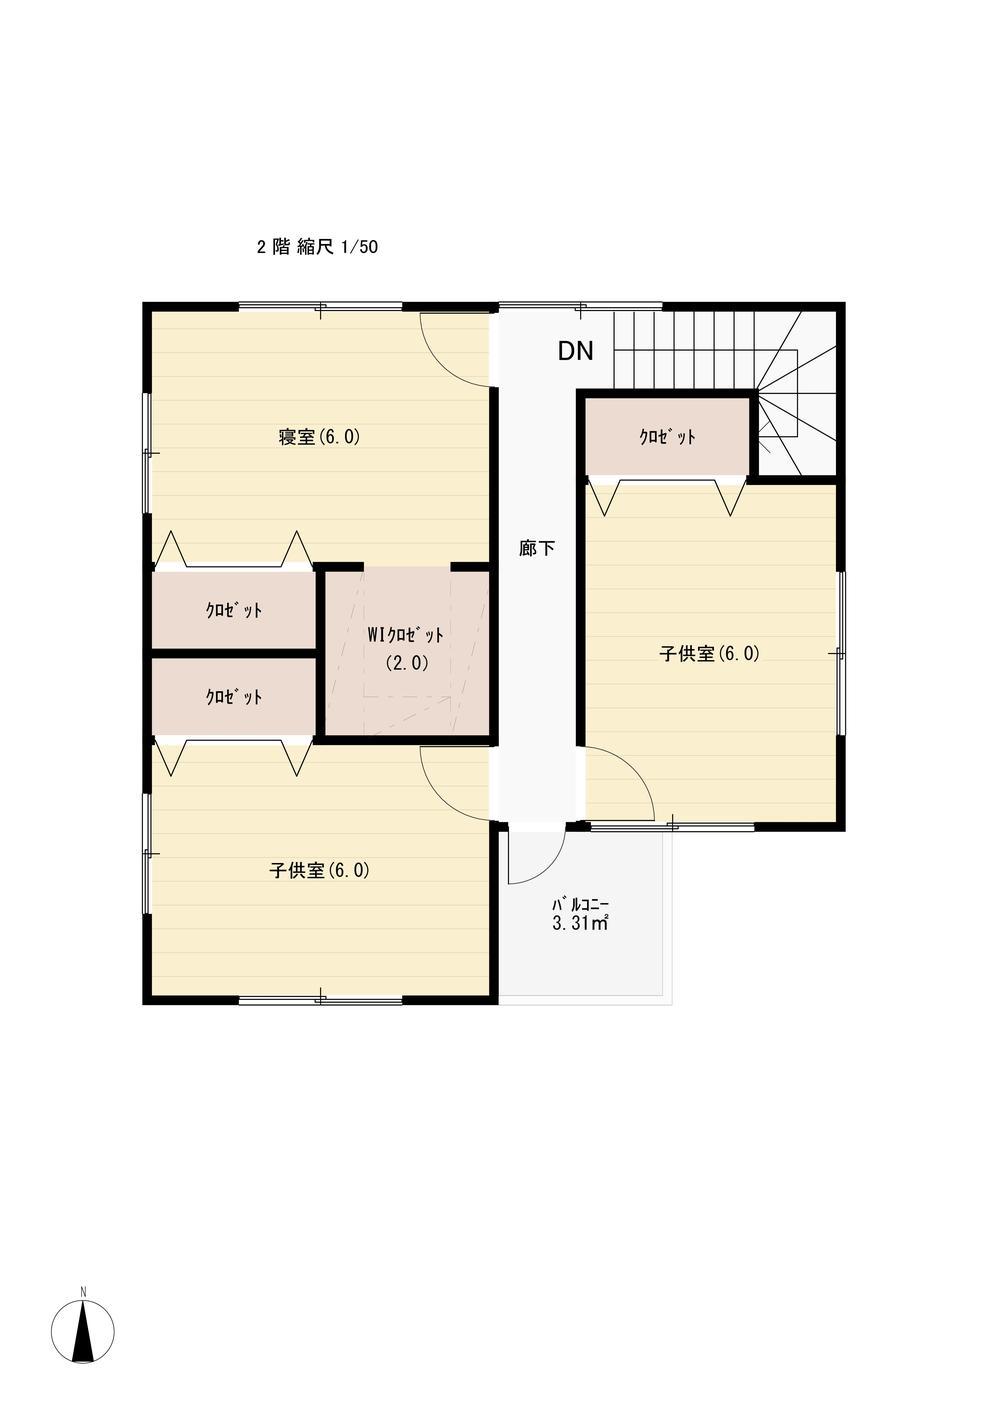 建物プラン例(間取り図)